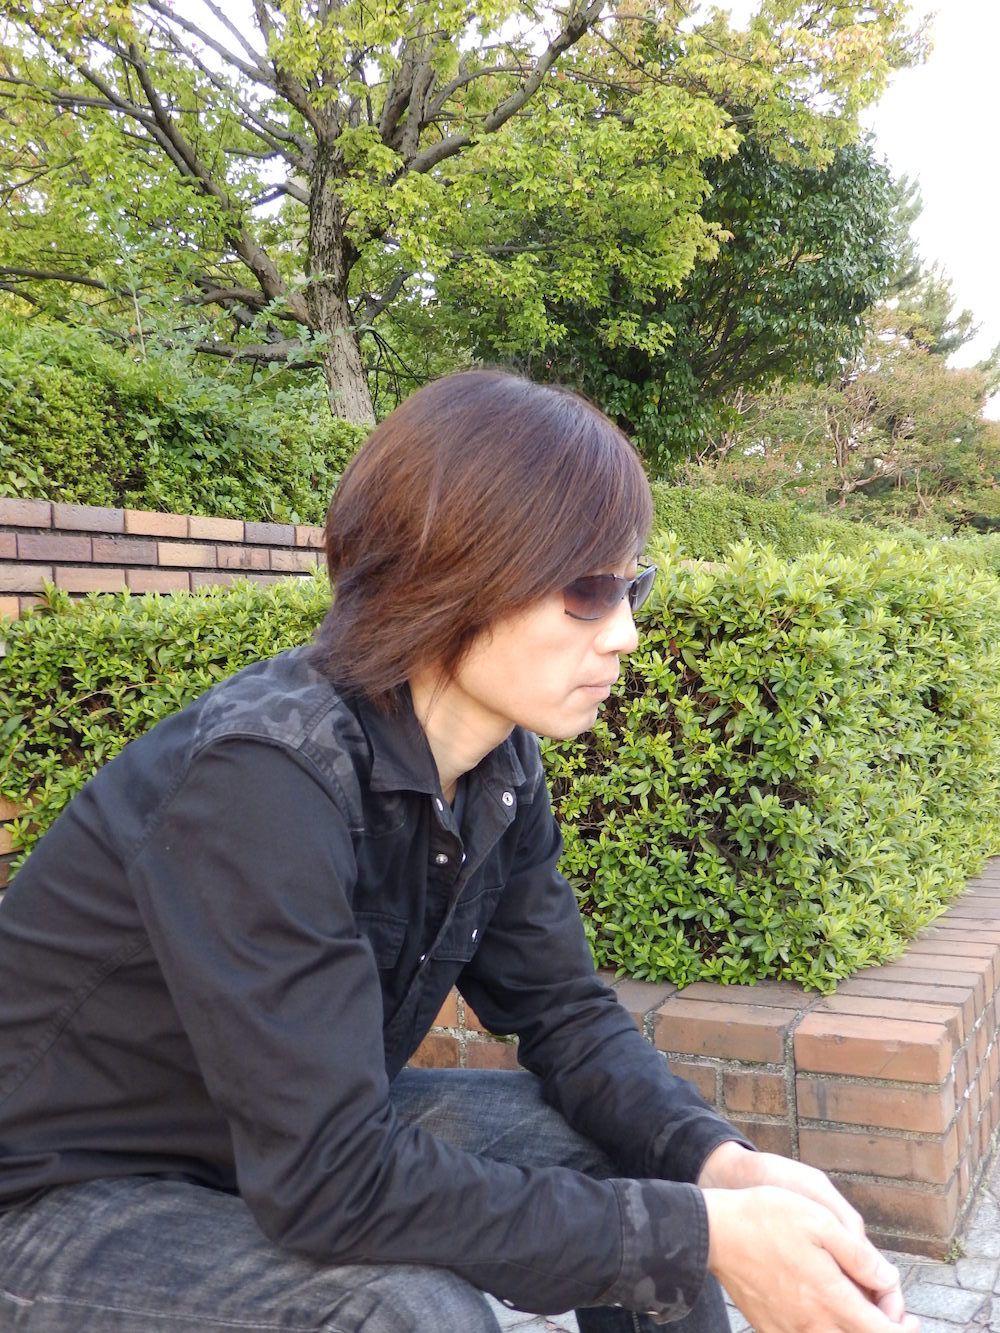 photo of Kazuma Kujo wearing sunglasses and sitting on a bench